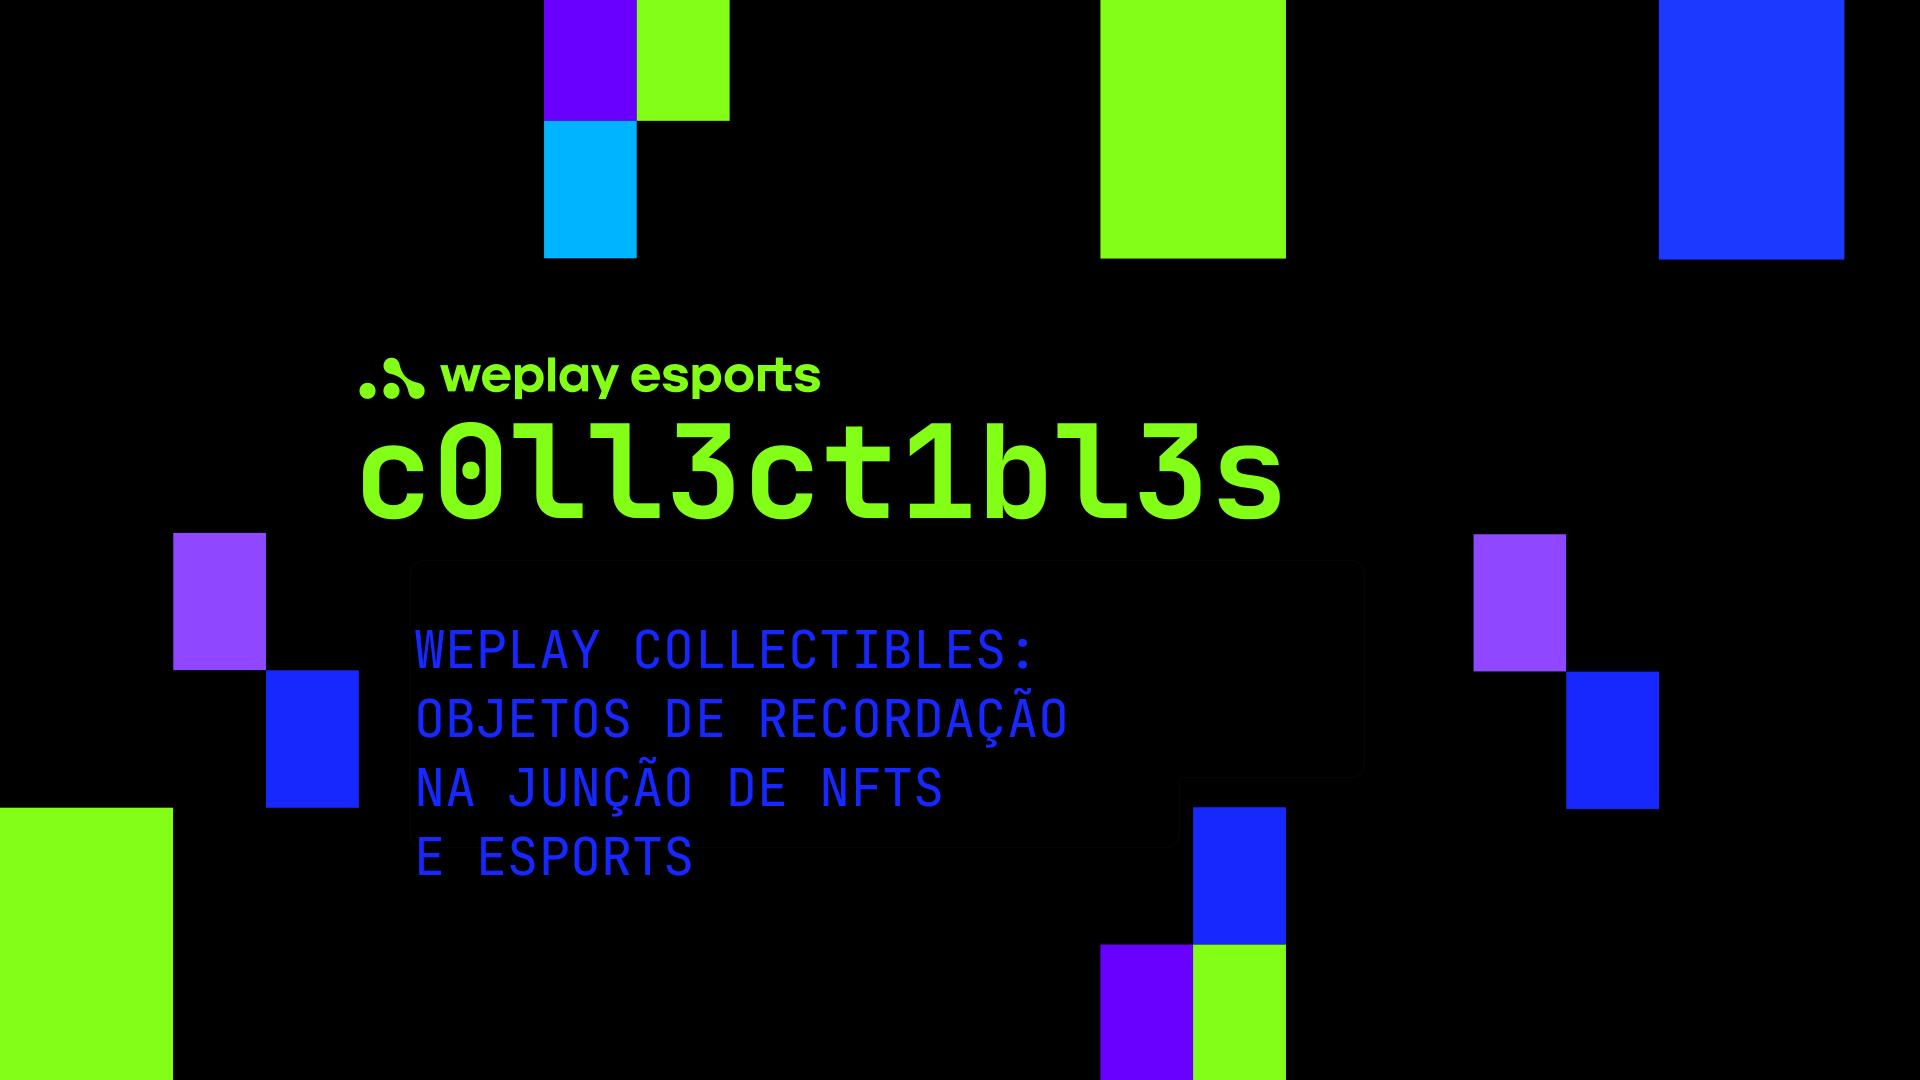 WePlay Collectibles: objetos de recordação na junção de NFT e eSports